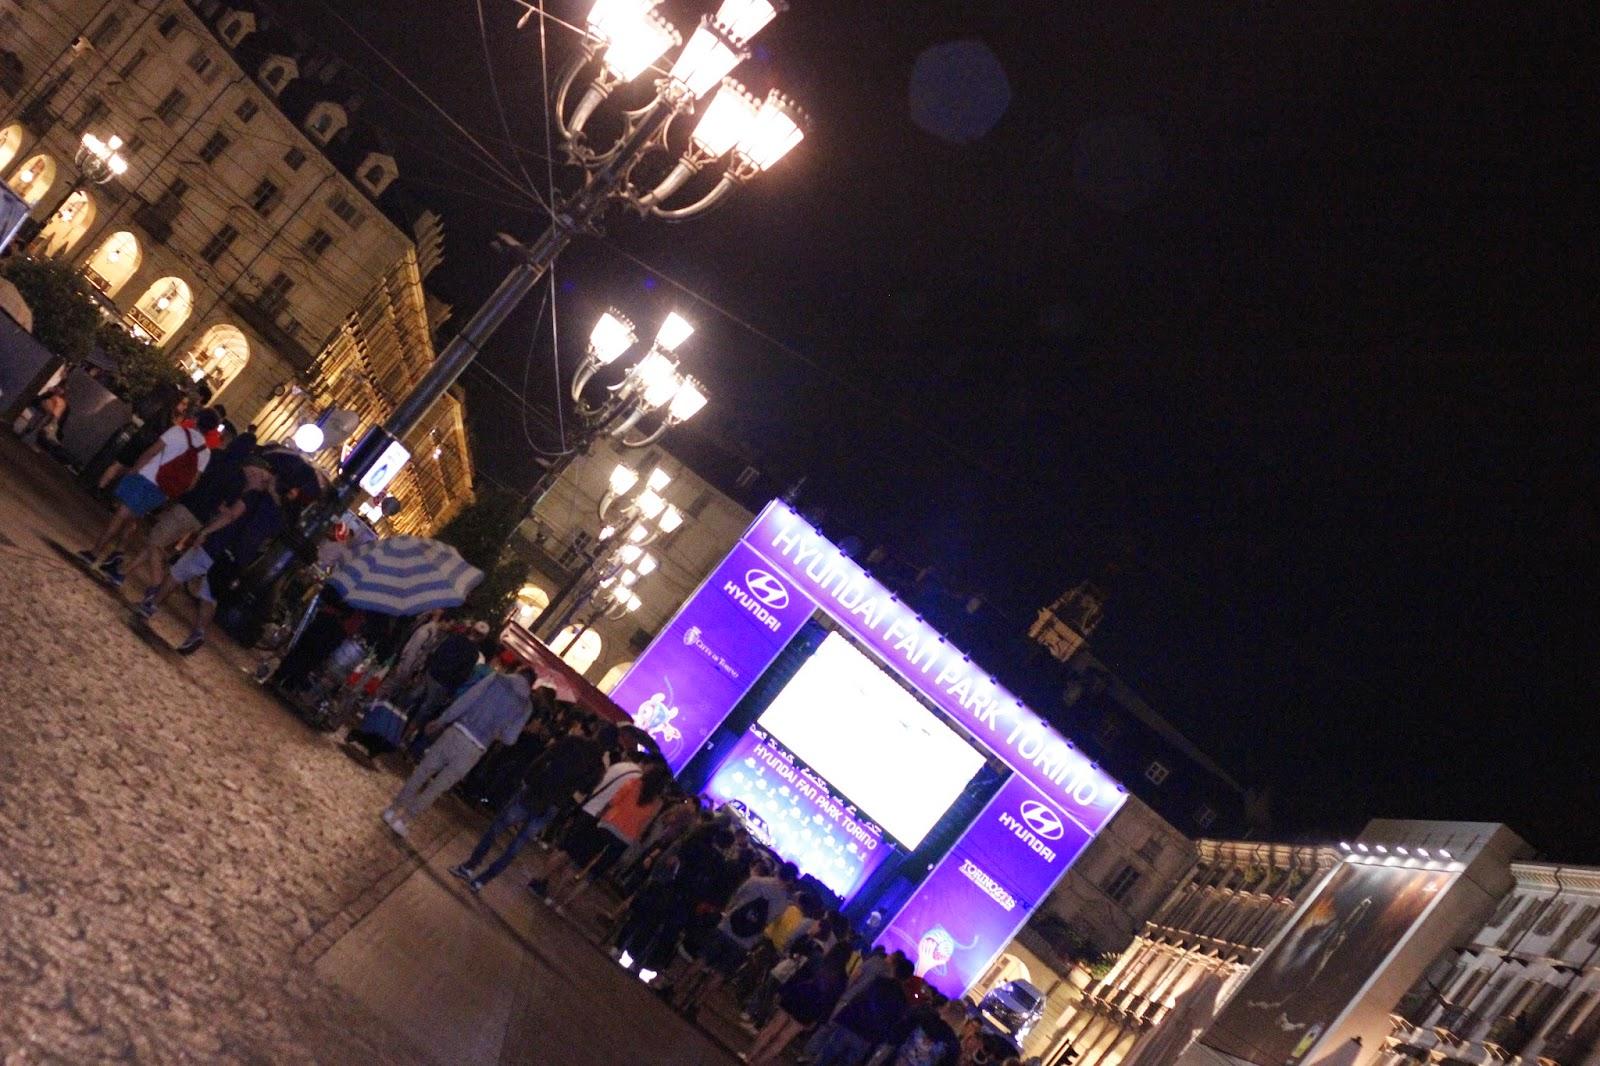 forza azzurri,evento , partita, blogger one more addiction, lifestyle blogger, giulia napoli